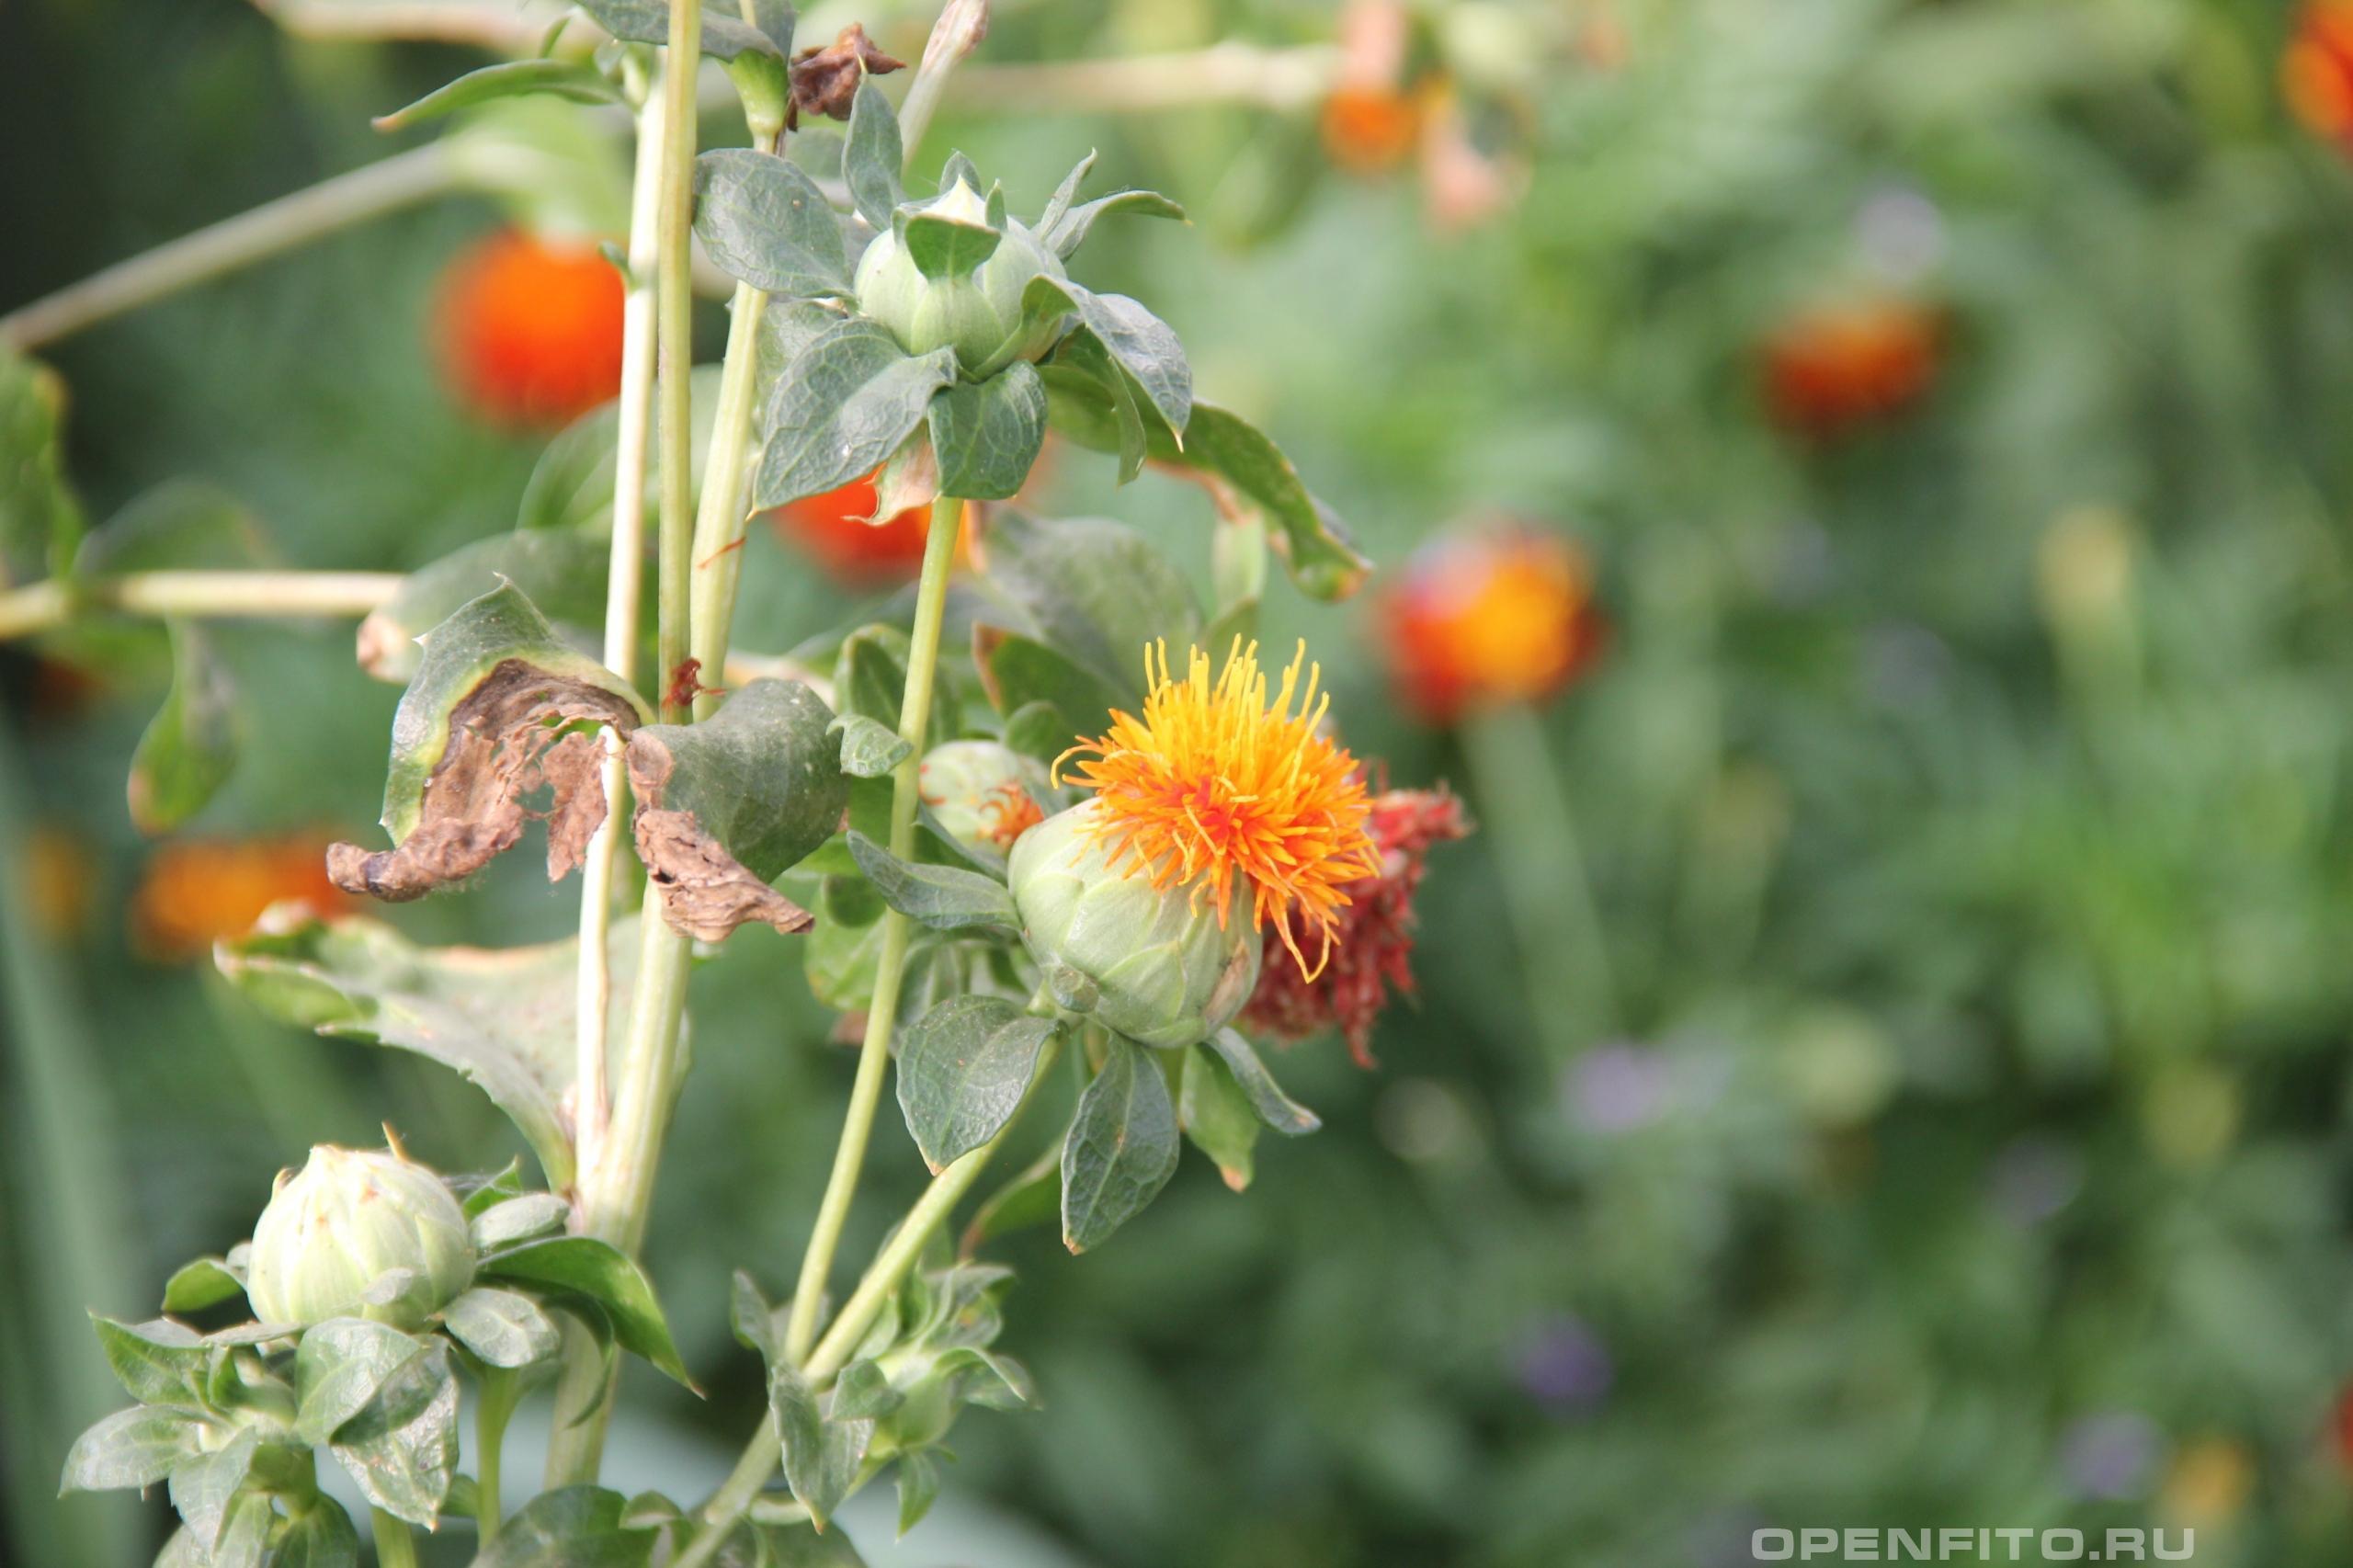 Сафлор красильный цветущее растение